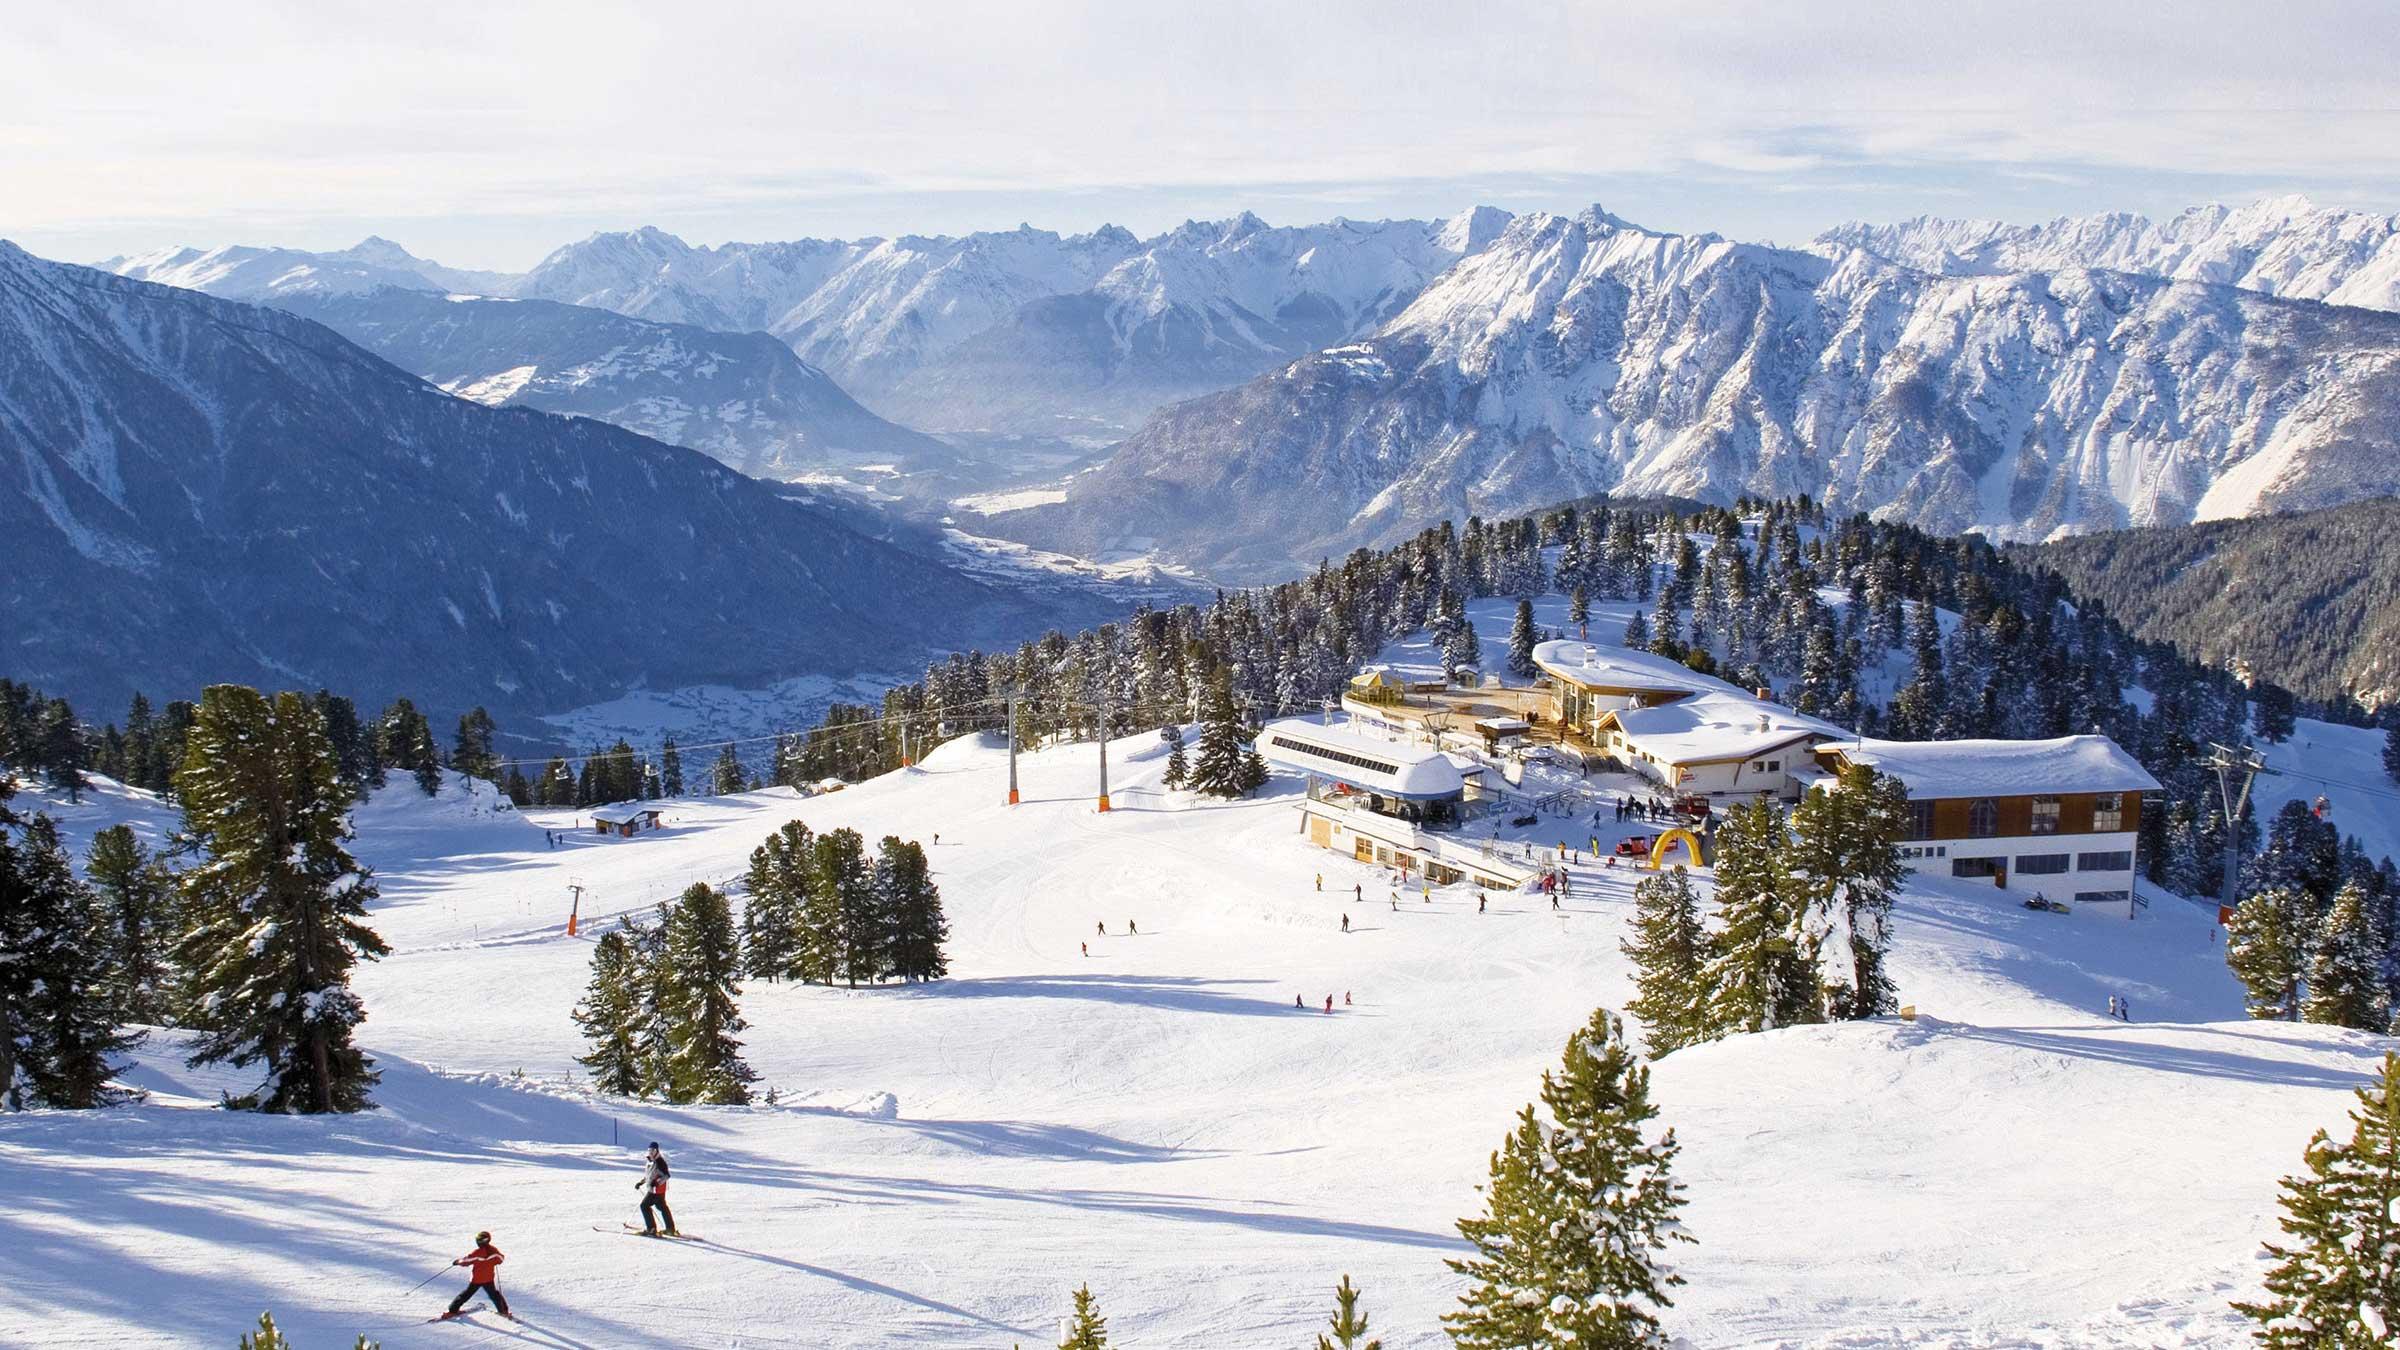 Familie am Vormittag, Pistenabenteuer am Nachmittag: das Skigebiet Hochötz-Kühtai